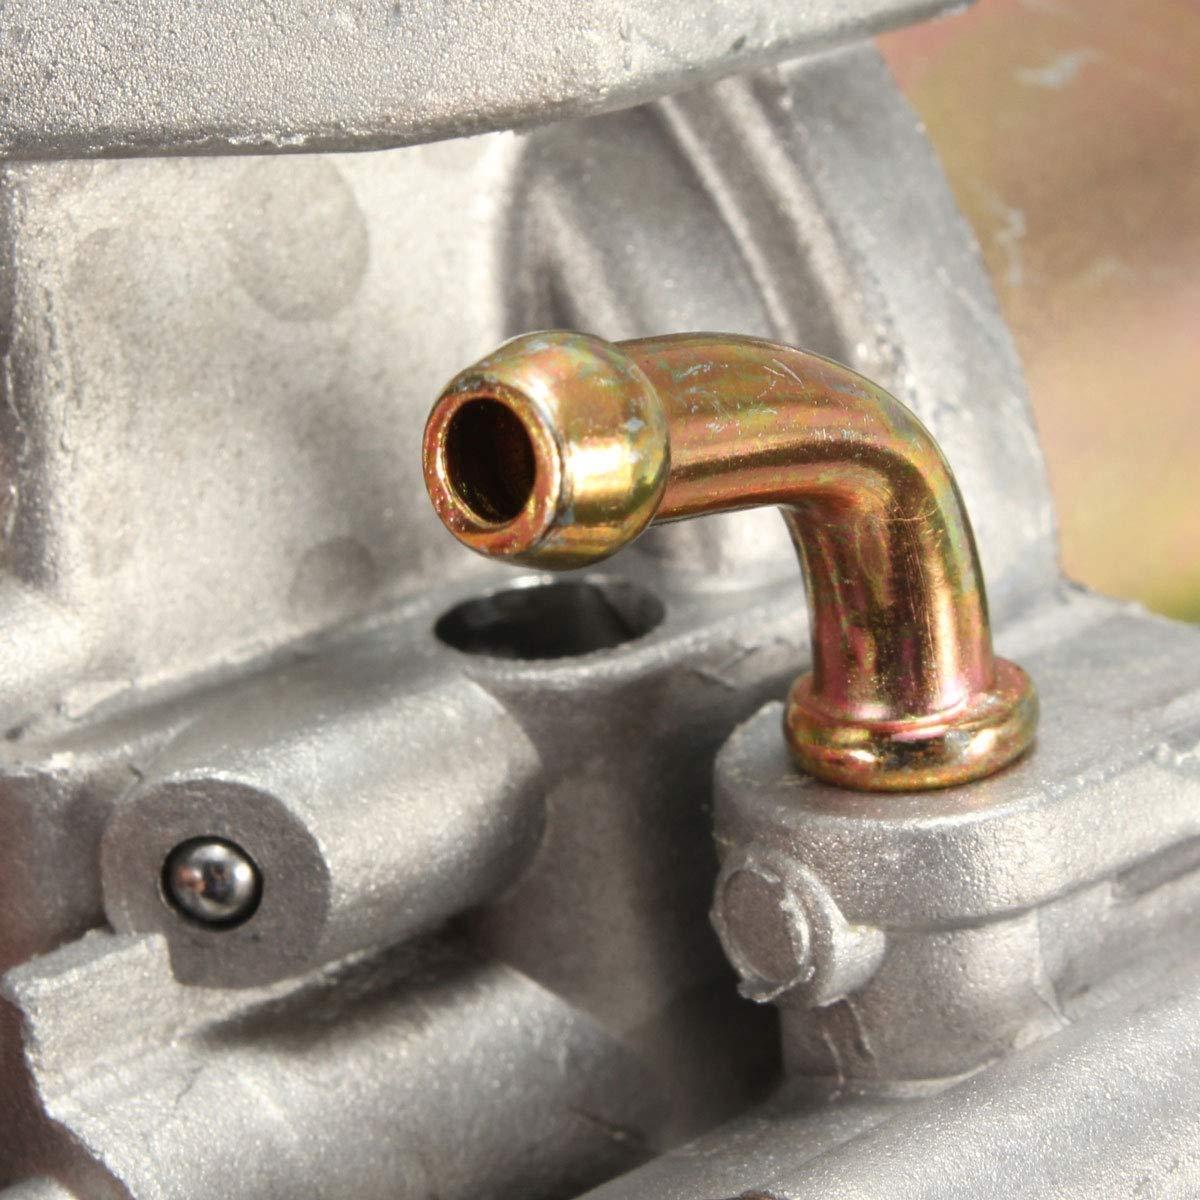 ZHENDA Remplacement Carburateur Carb for Honda GX110 GX120 110 120 4CV Moteur Moteur Nouveau